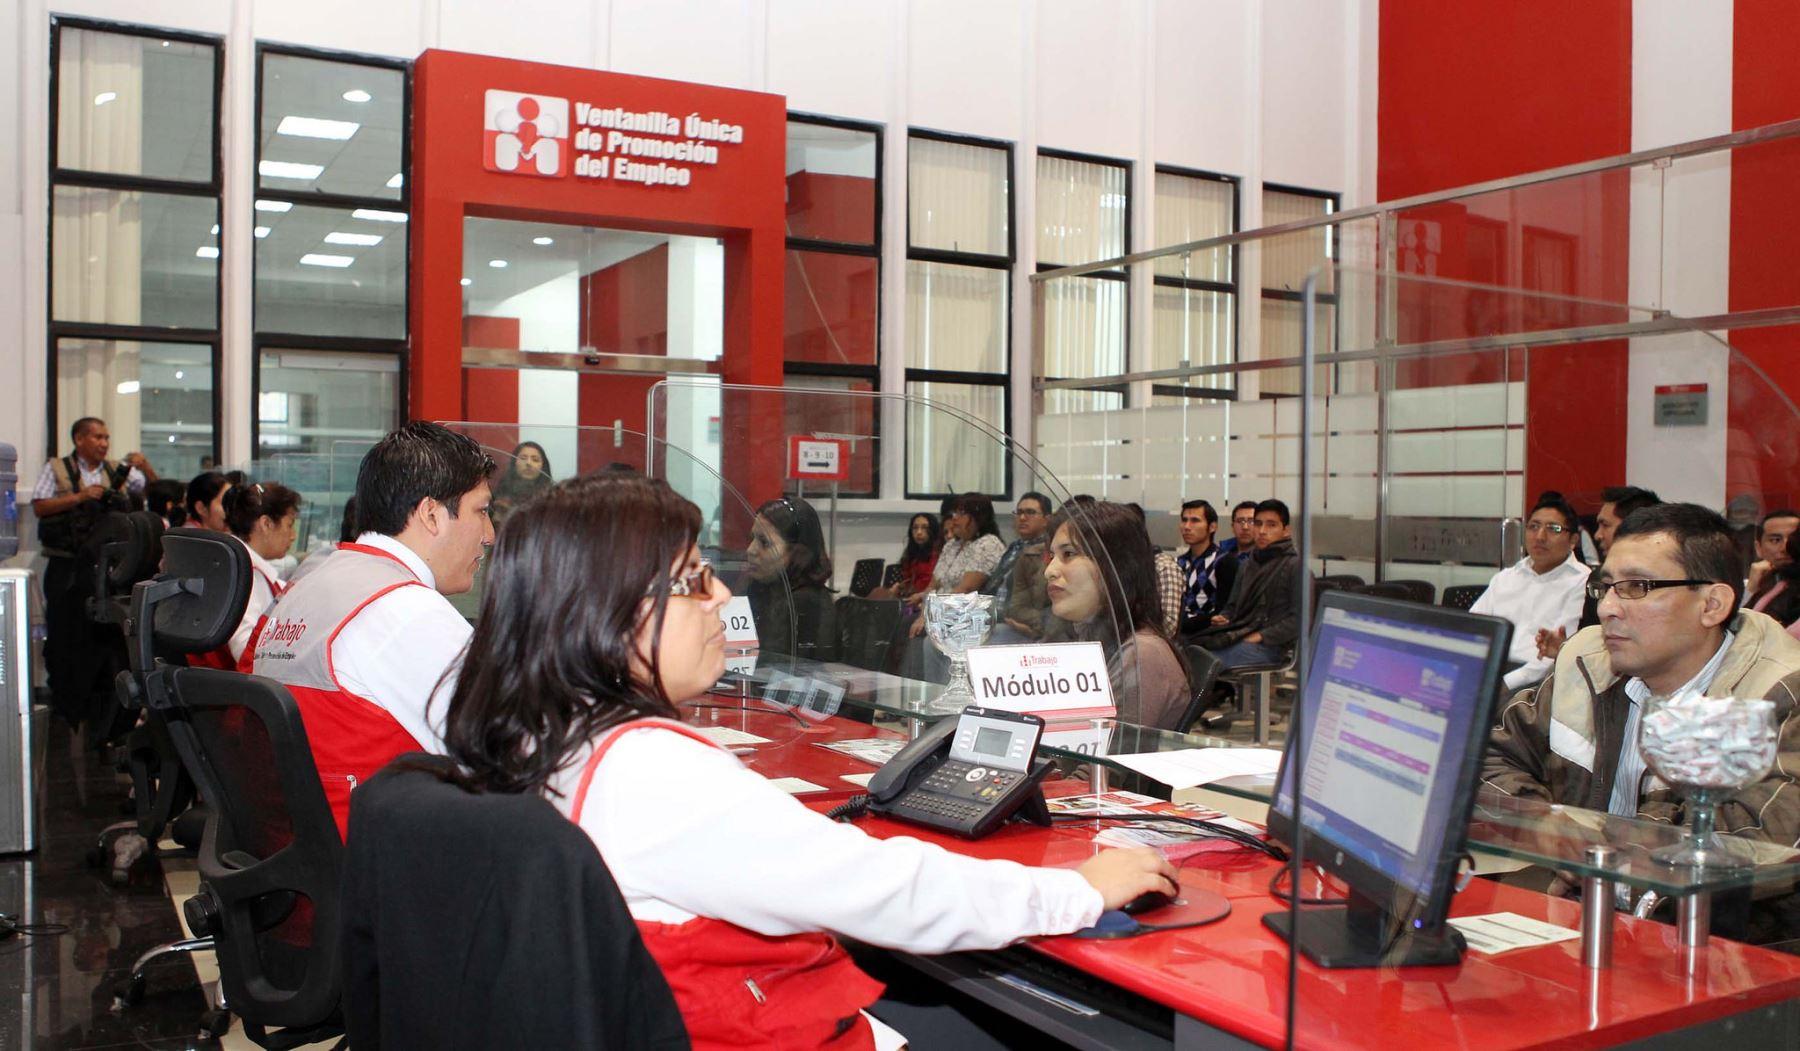 Inauguran en san juan de lurigancho oficina que ayuda a encontrar empleos noticias agencia - Oficina del servicio andaluz de empleo ...